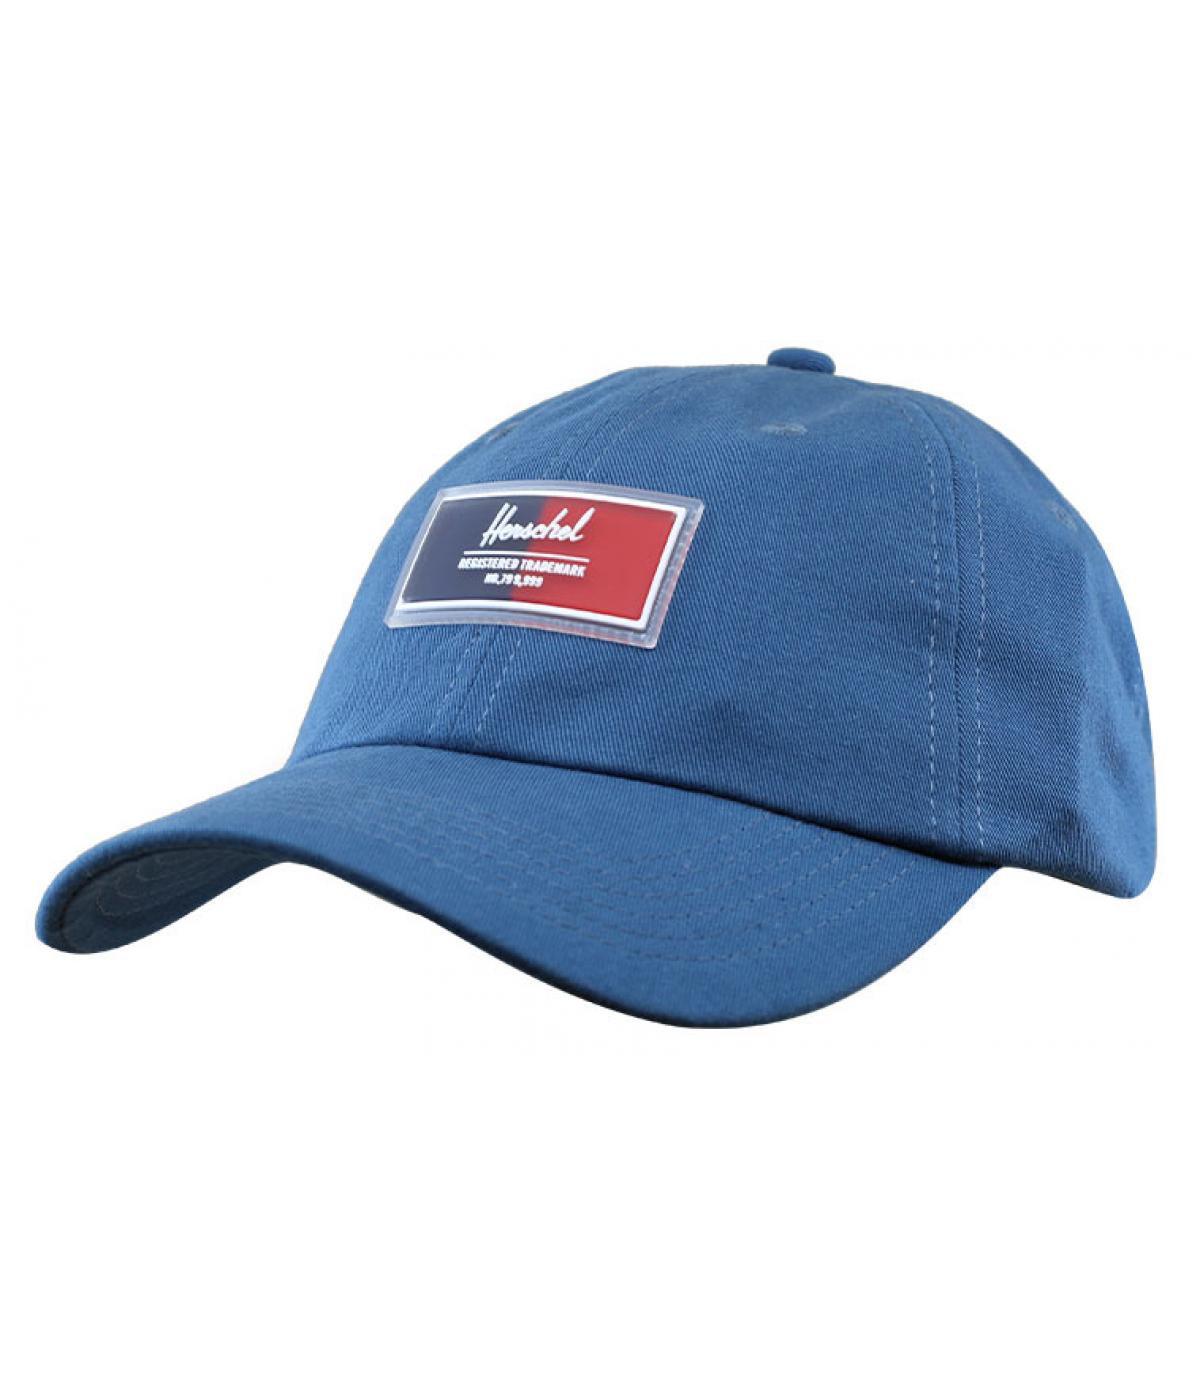 casquette bleu gris Herschel